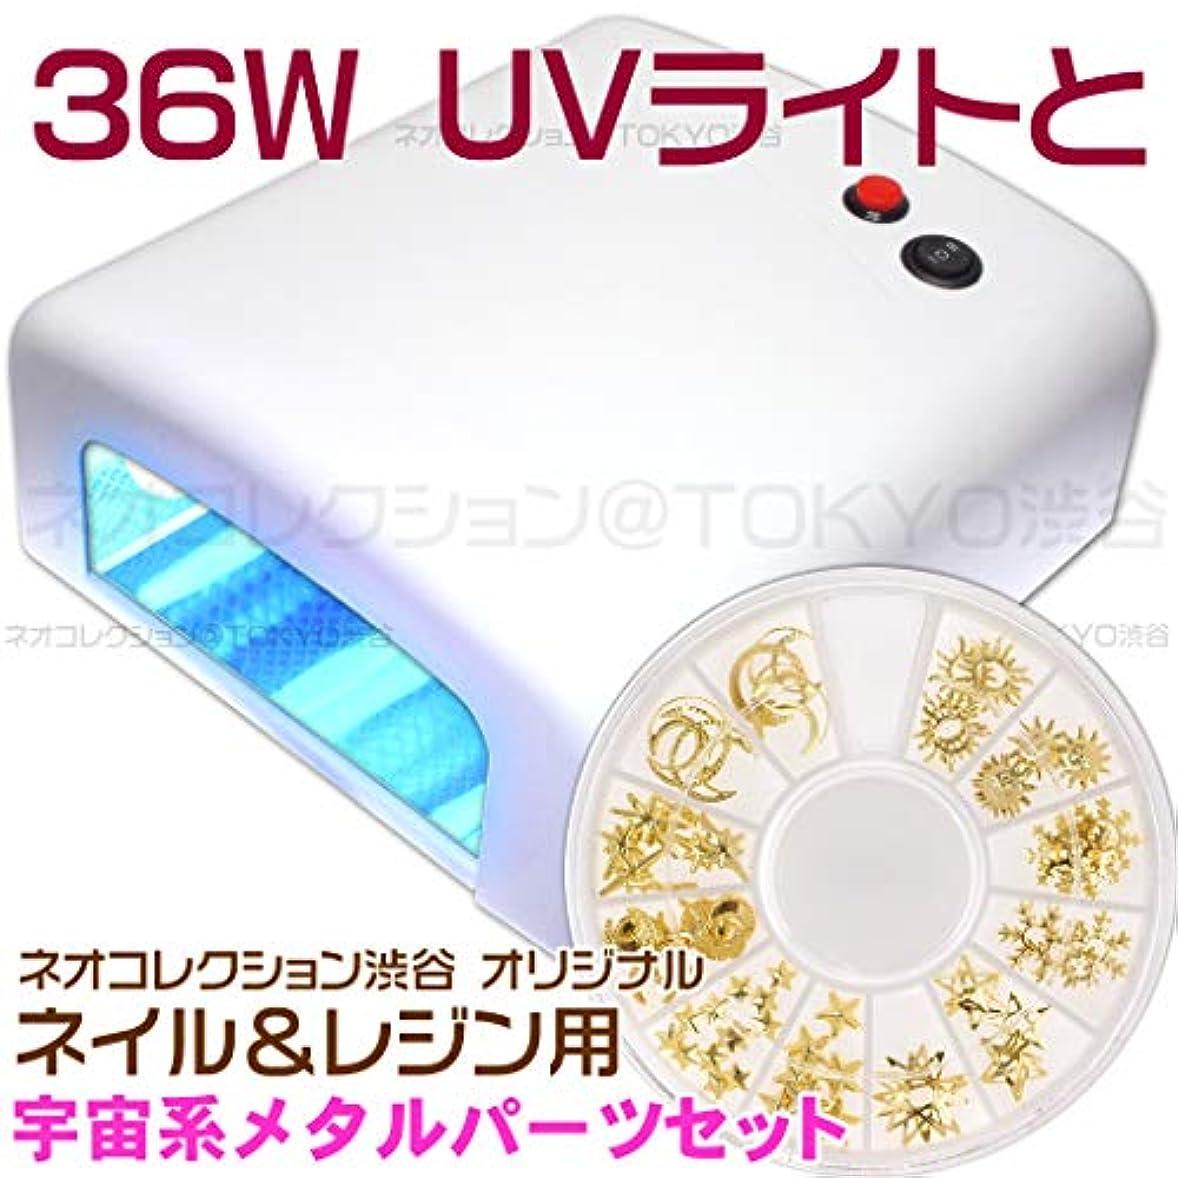 副流体満たすネオコレクション 白いUVライトとメタルパーツのセット 36Wジェルネイル用 36WUVライト単品単体本体 UVレジン用 レジンクラフト用ピンク UVランプ